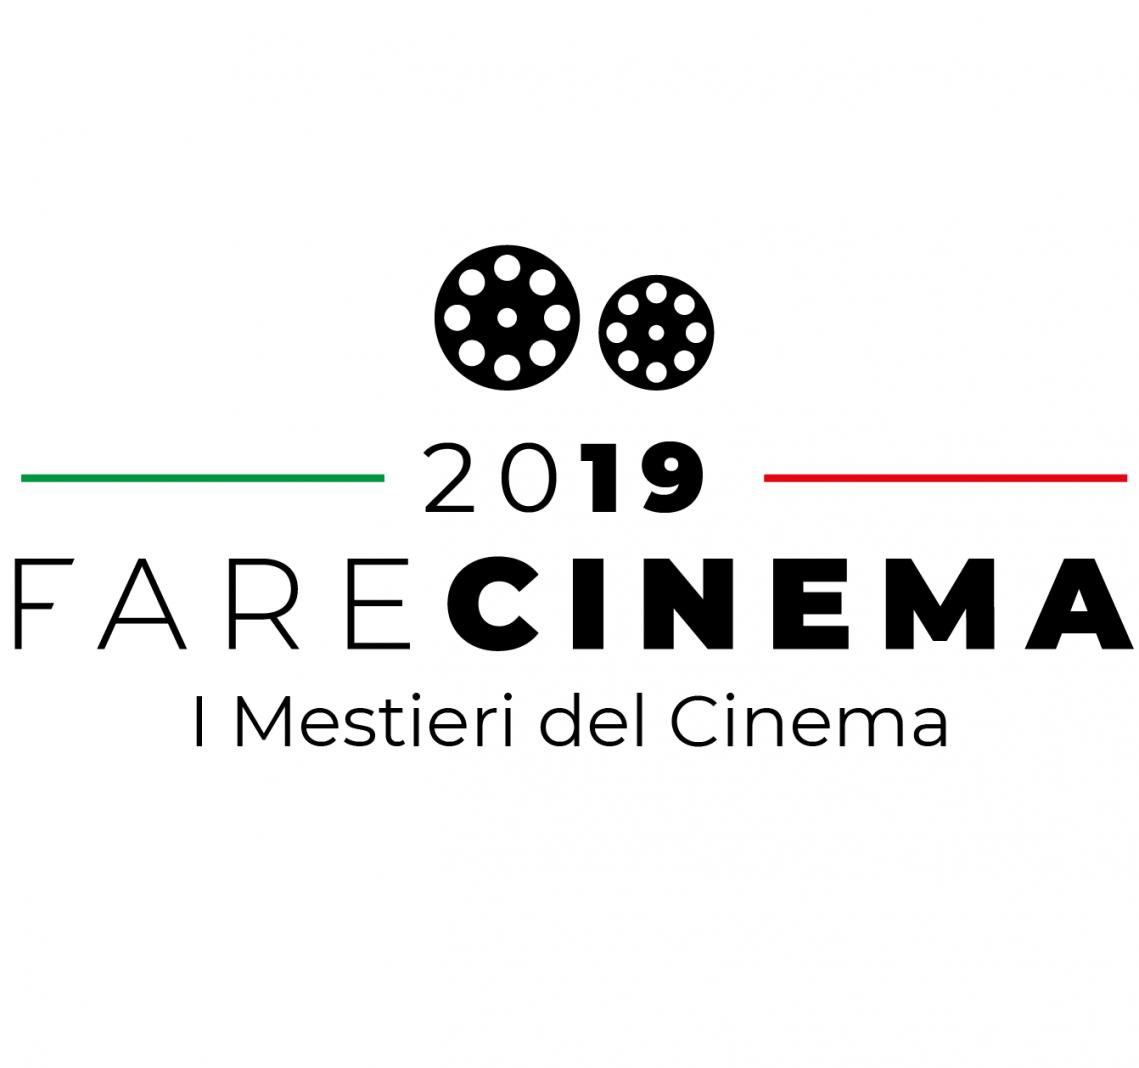 Tout sur le festival de cinéma italien Fare Cinema 2019